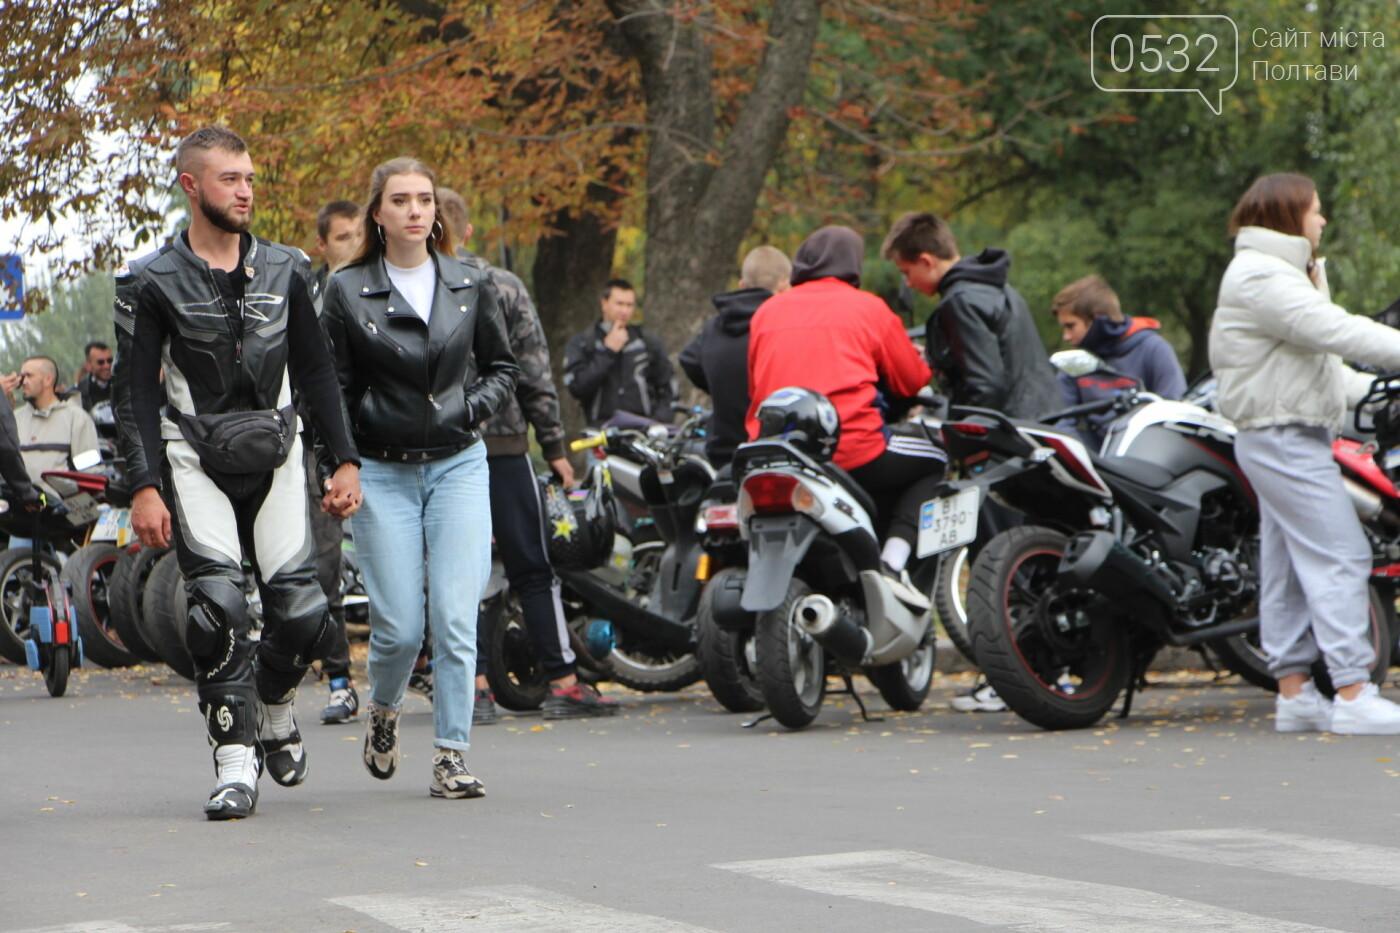 У Полтаві сотні байкерів приїхали на закриття мотосезону (ФОТОРЕПОРТАЖ), фото-10